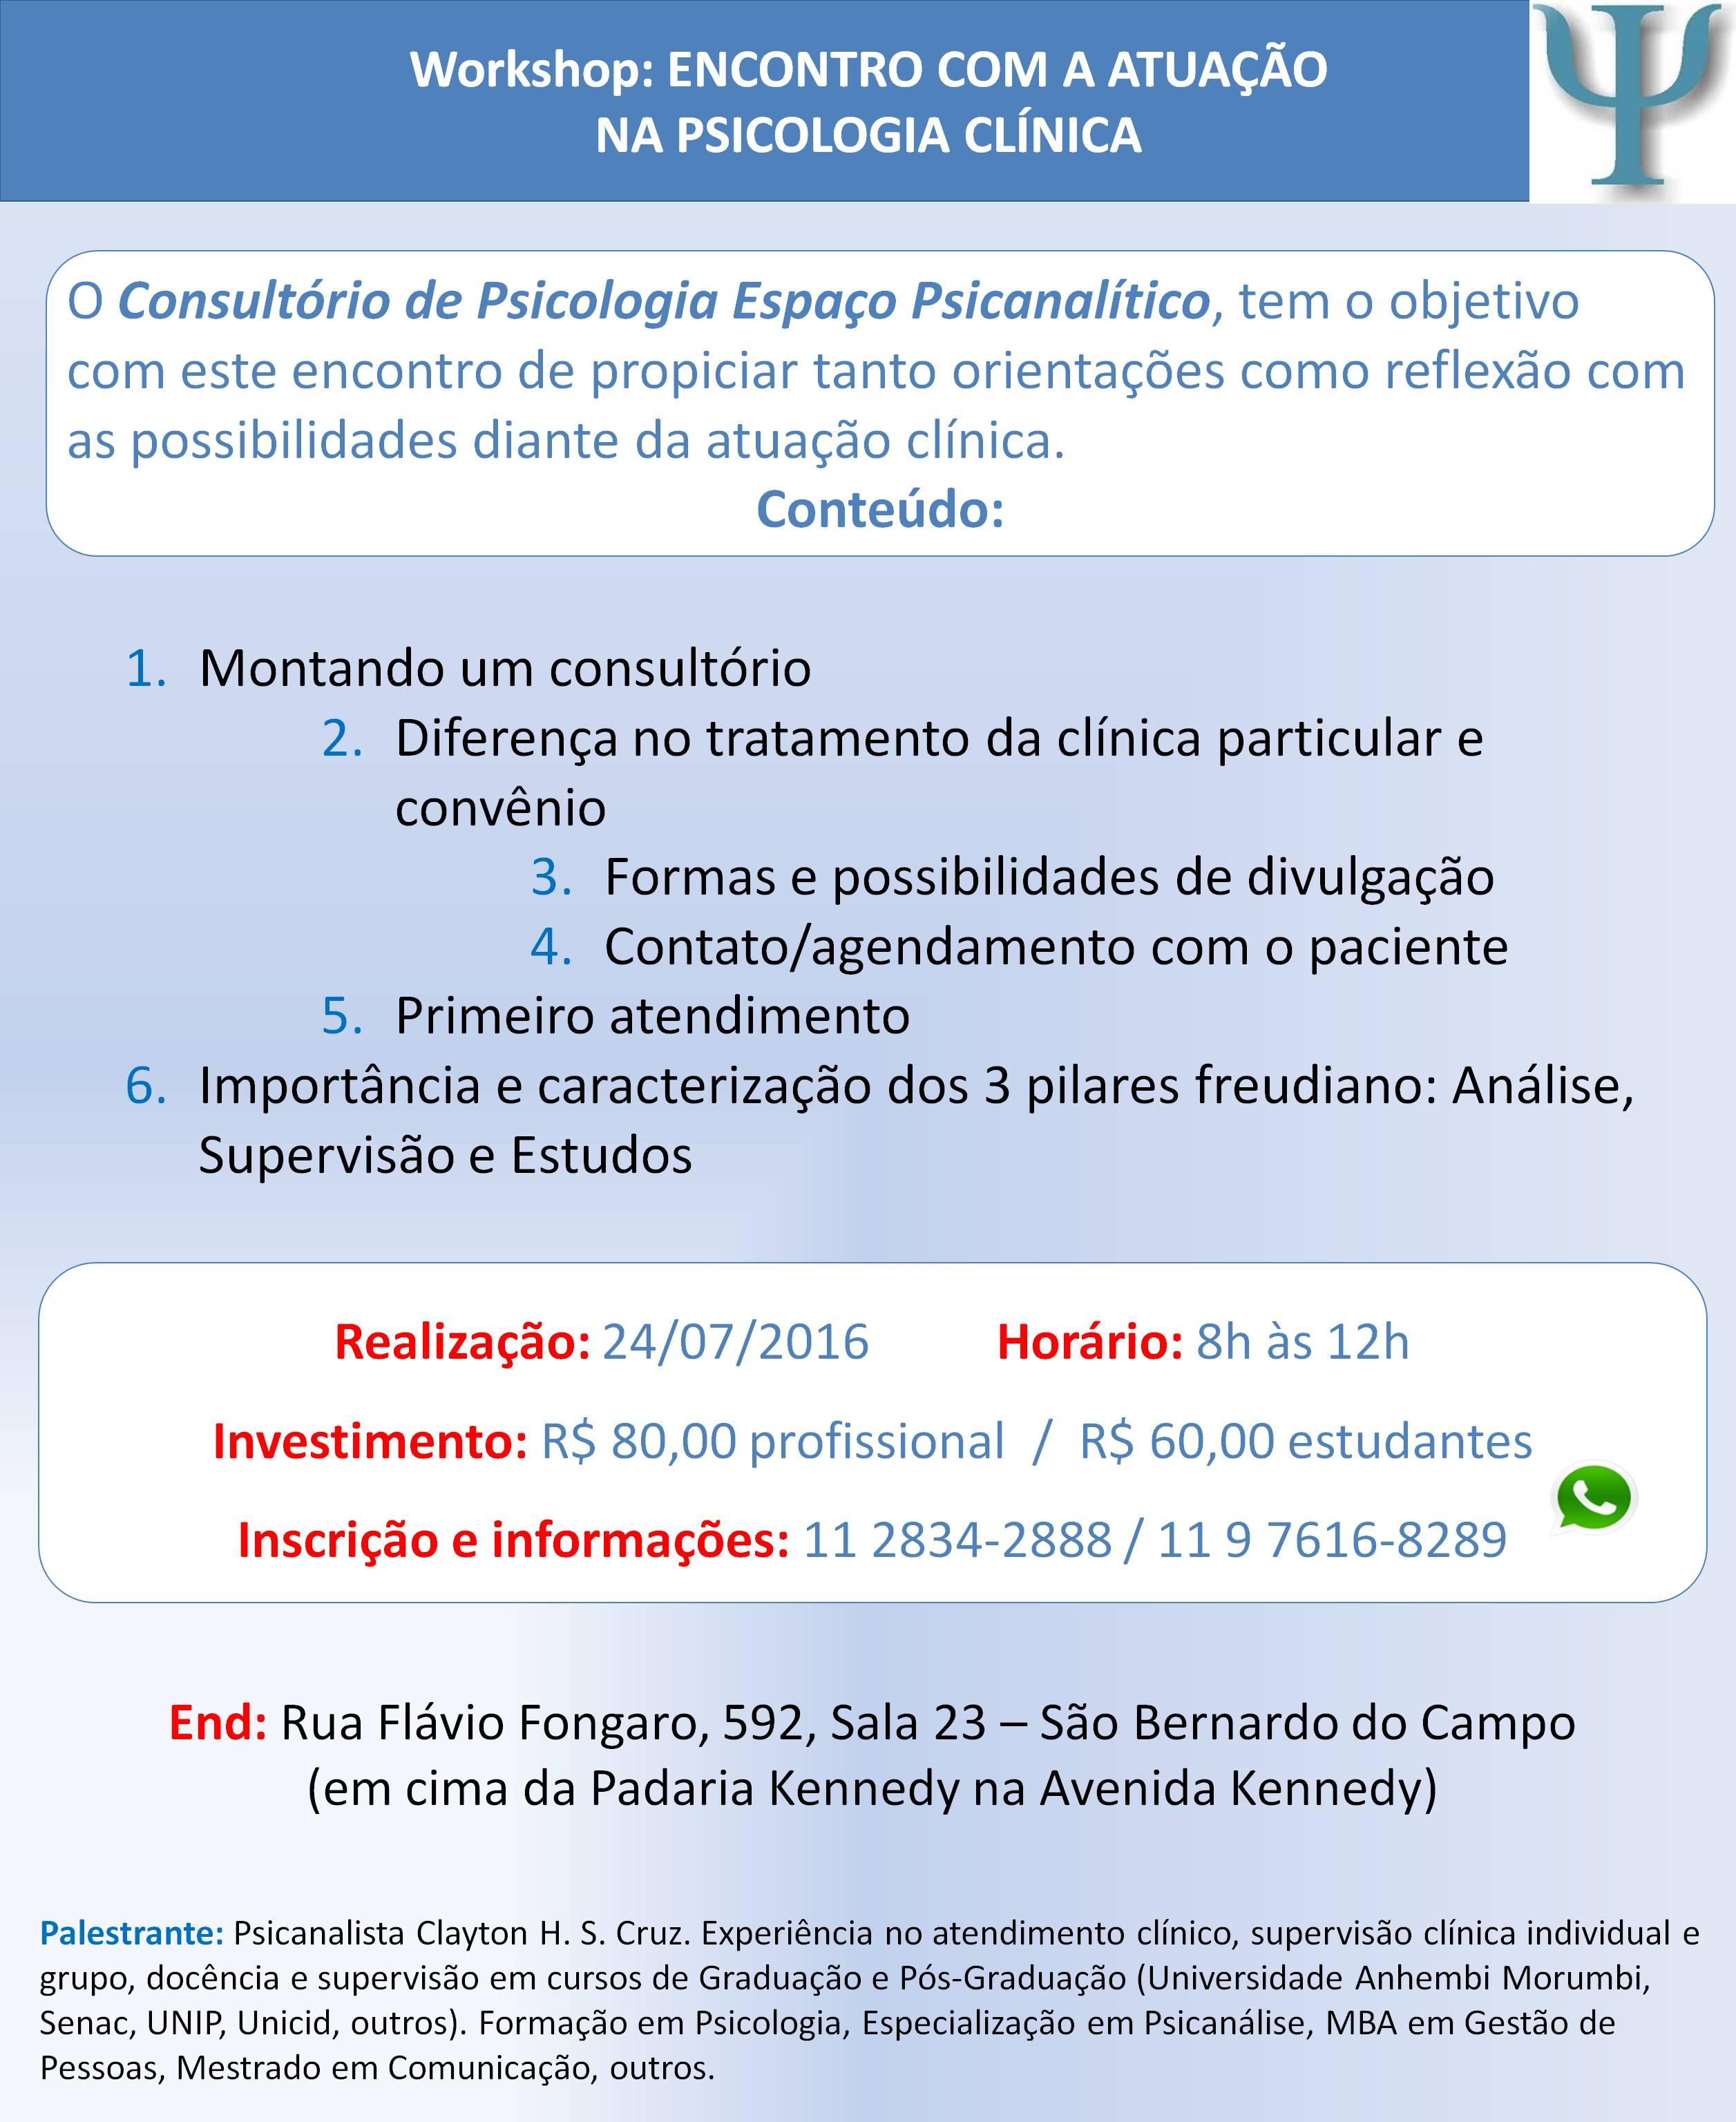 ENCONTRO COM A ATUAÇÃO NA PSICOLOGIA CLÍNICA